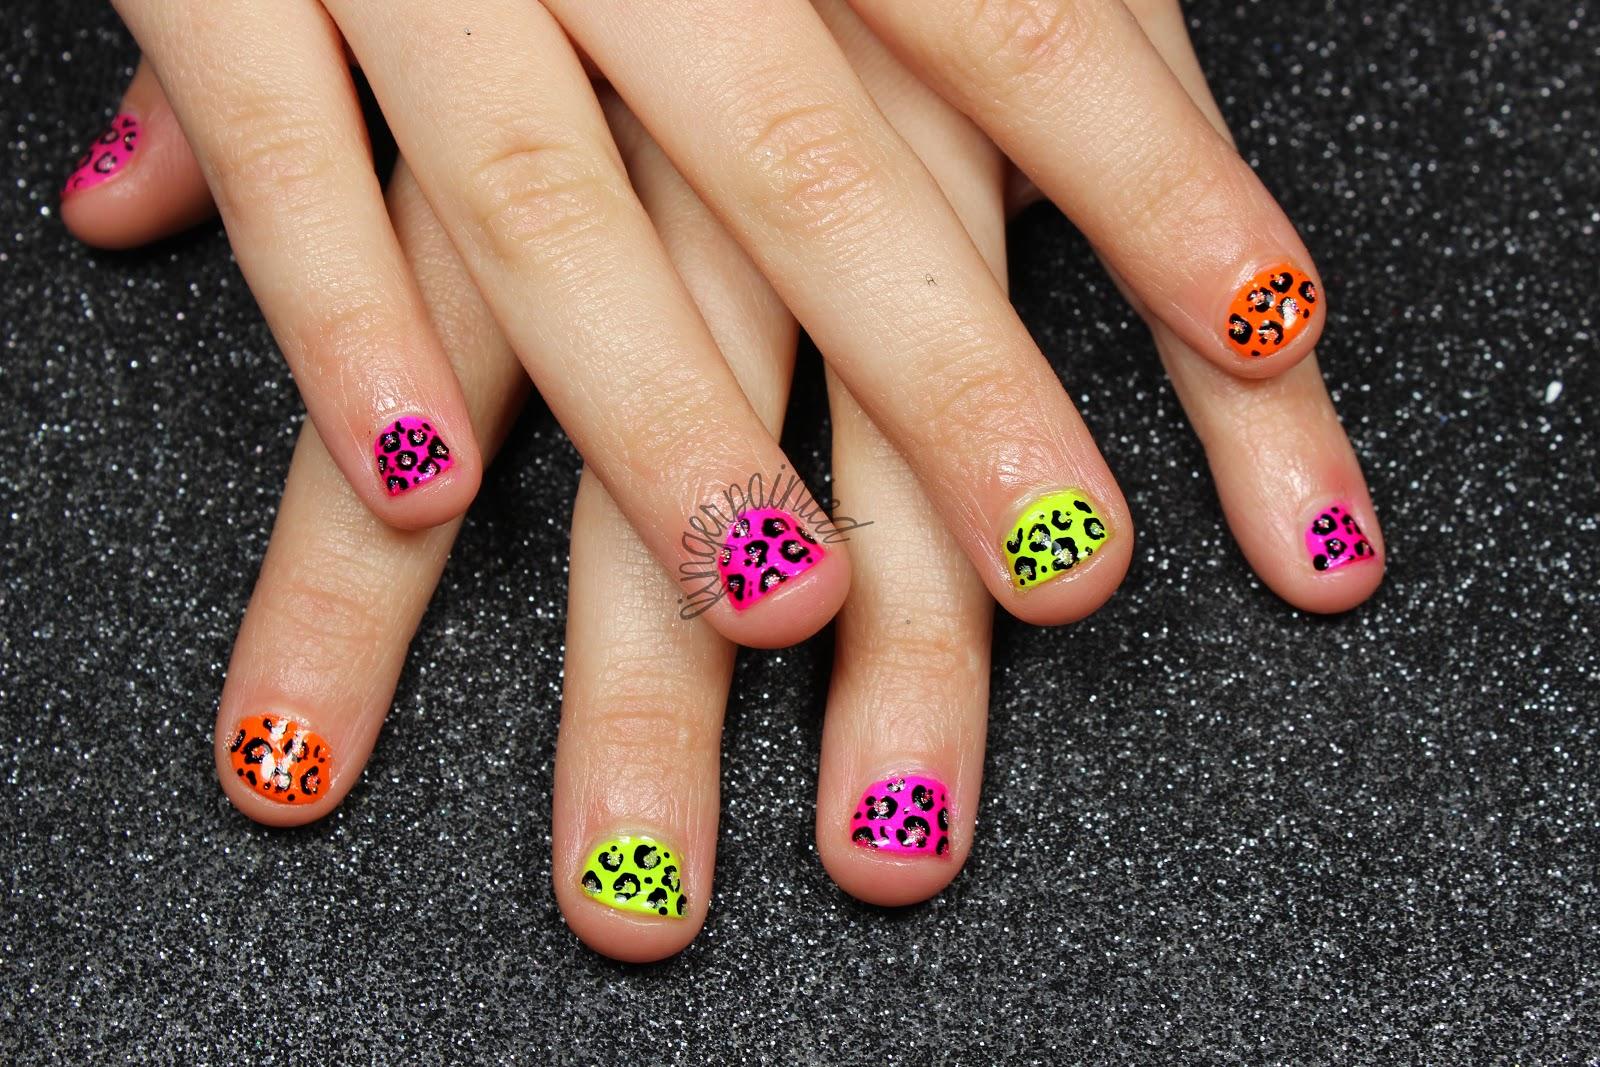 Nail Art Designs Tumblr Cheetah Thats all for this nail tech